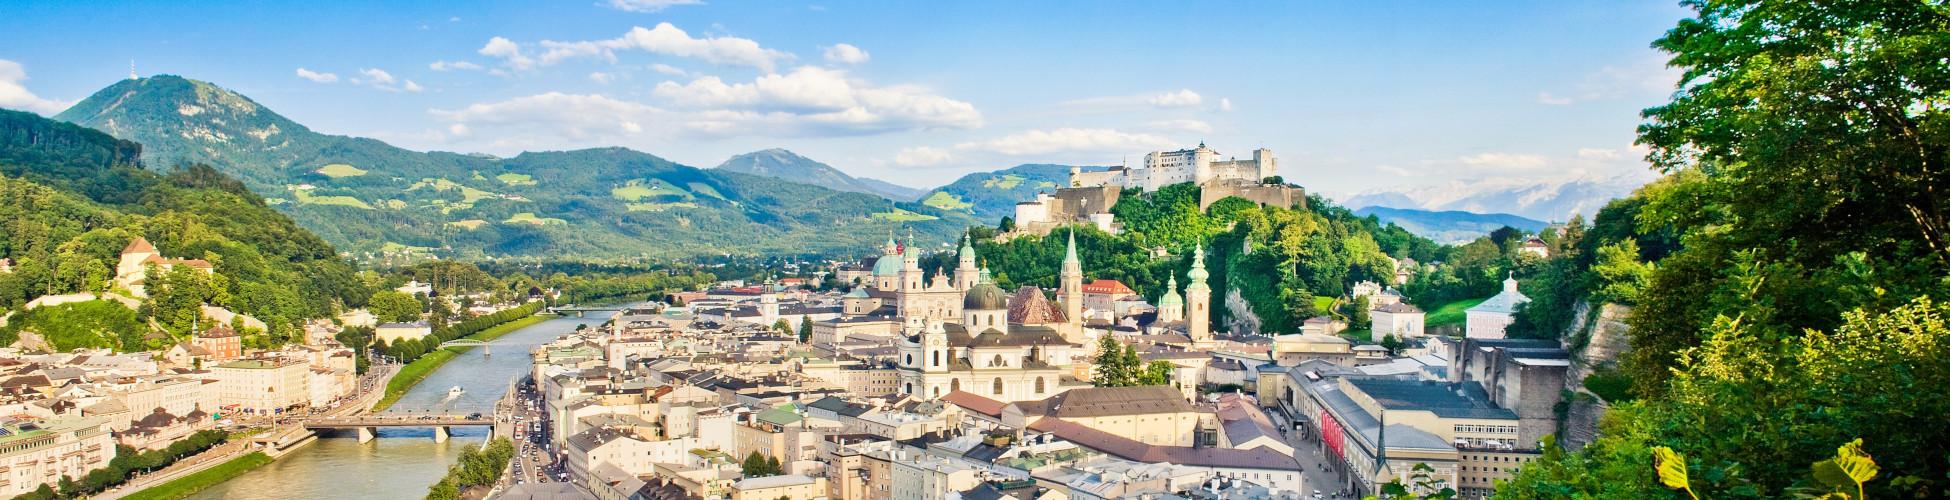 Panorama Salzburg_team